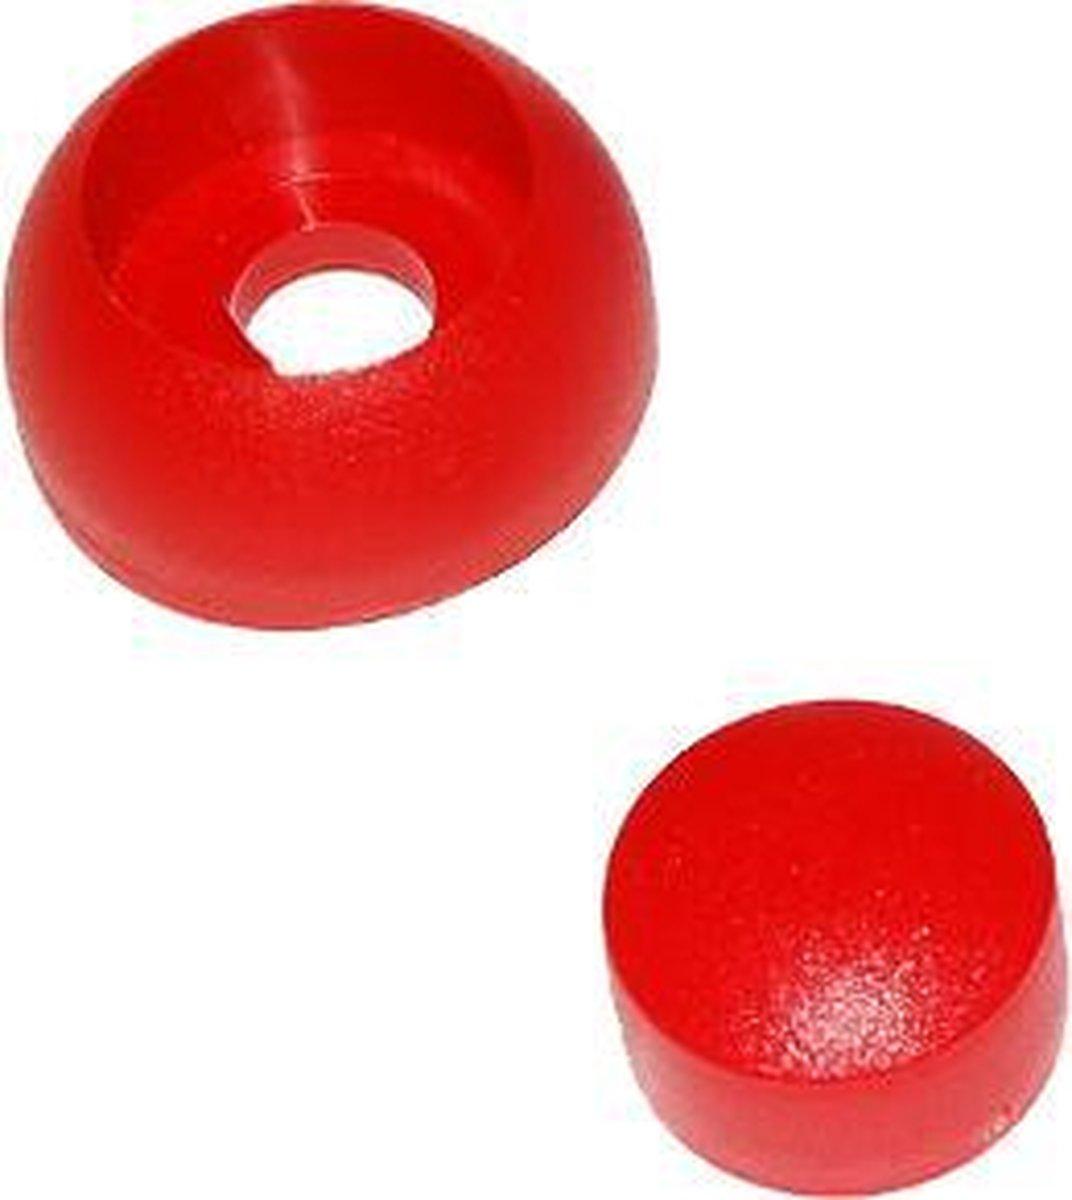 2-delige afdekdop voor bout en moer Rood voor ronde Palen M8/M10/M12 (1 stuk)